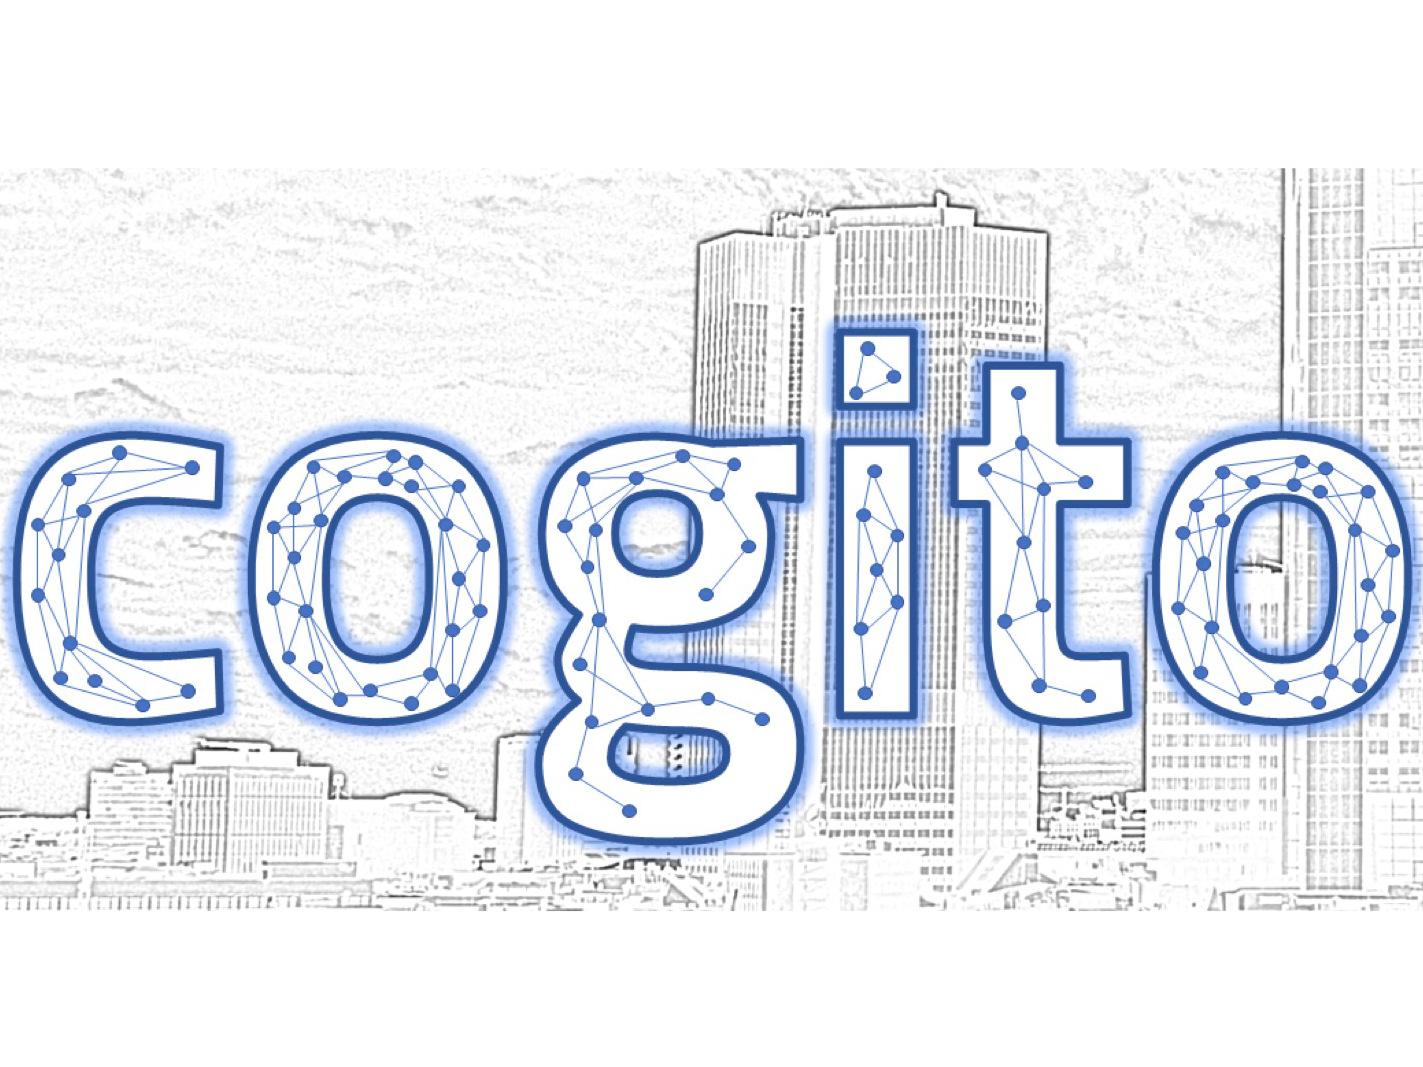 COGITO – Sistema Dinamico E Cognitivo Per Consentire Agli Edifici Di Apprendere Ed Adattarsi